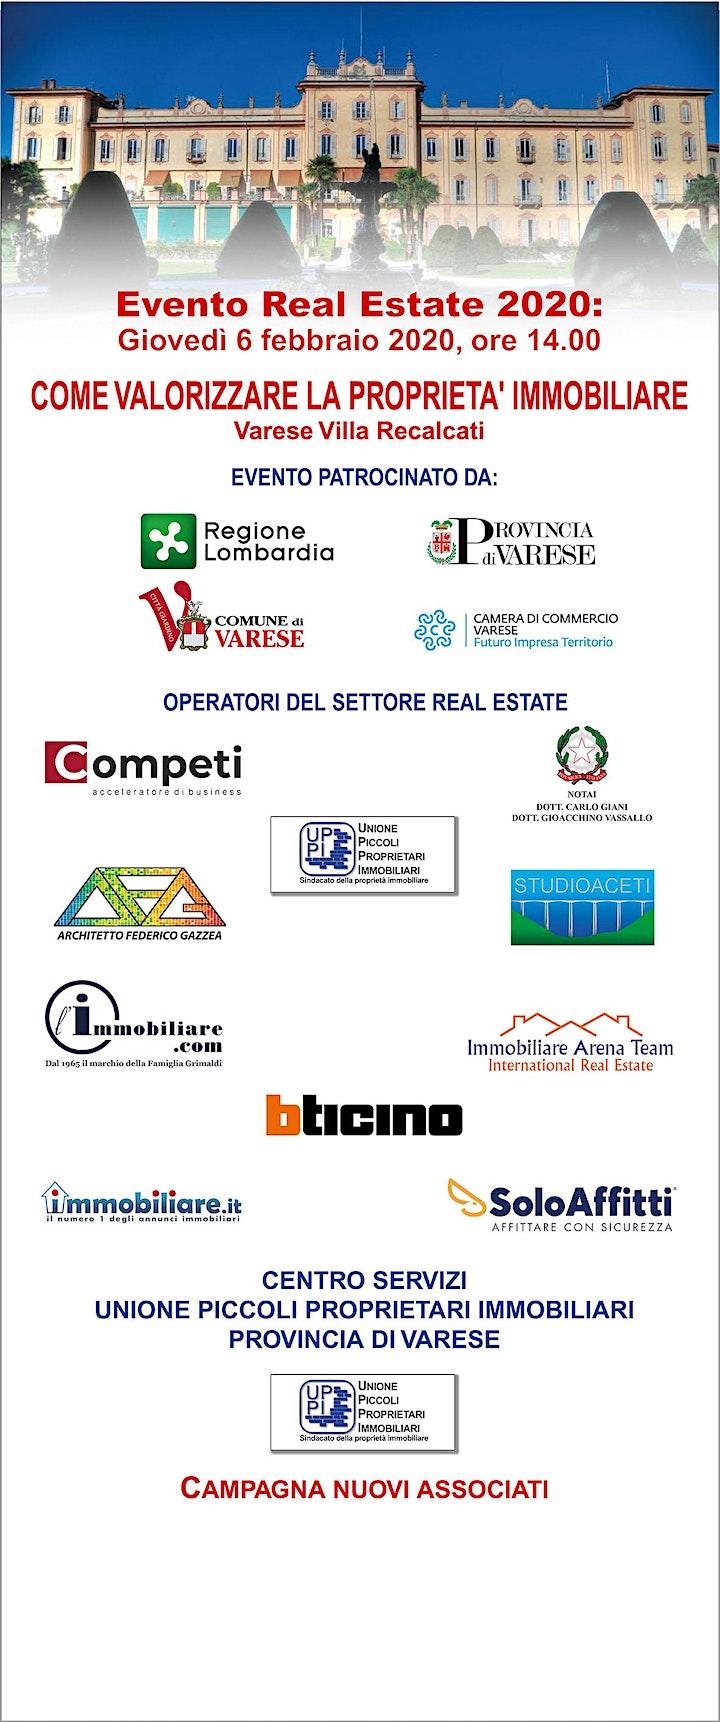 Immagine Come Valorizzare la Proprietà Immobiliare